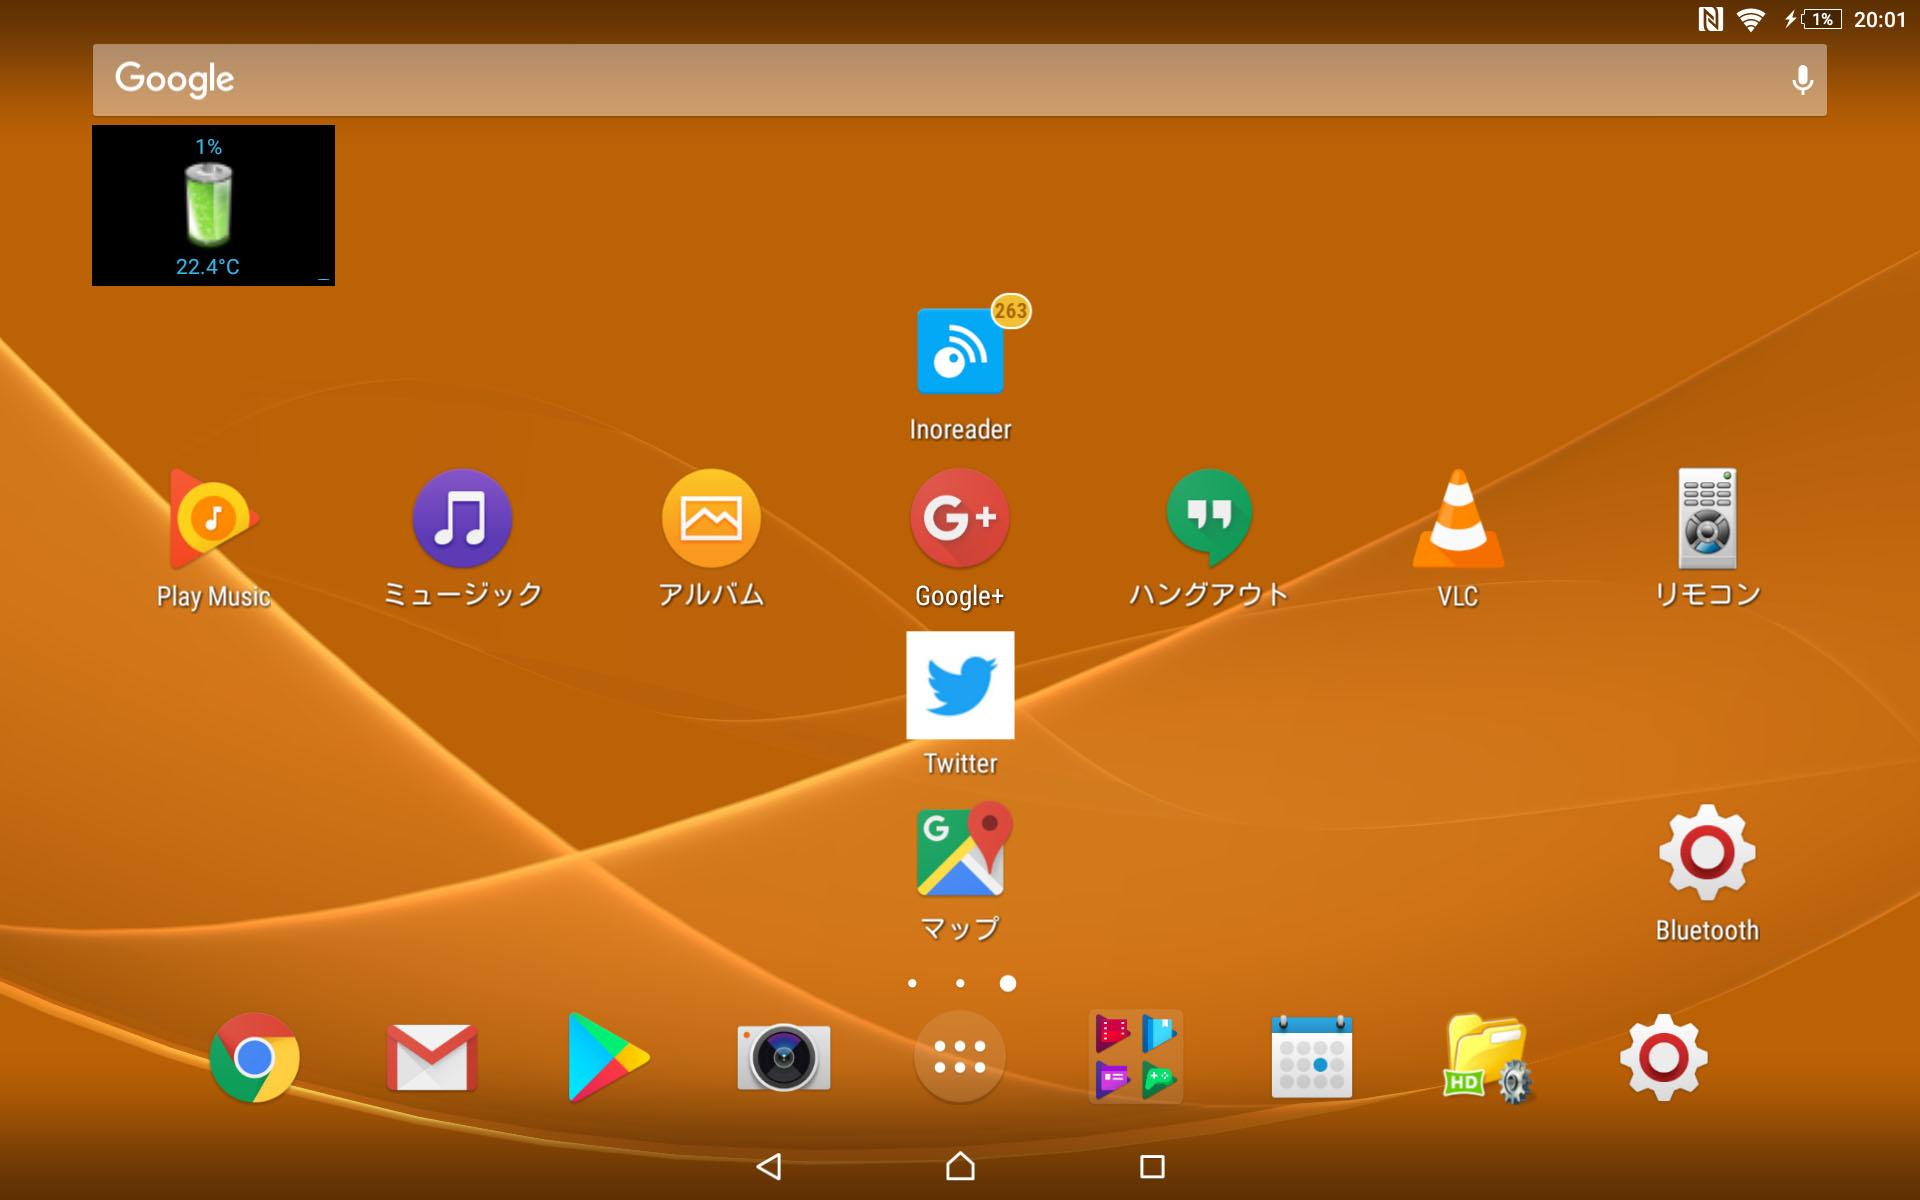 2年ぶりぐらいにXperia Tablet Zが勝手に再起動した